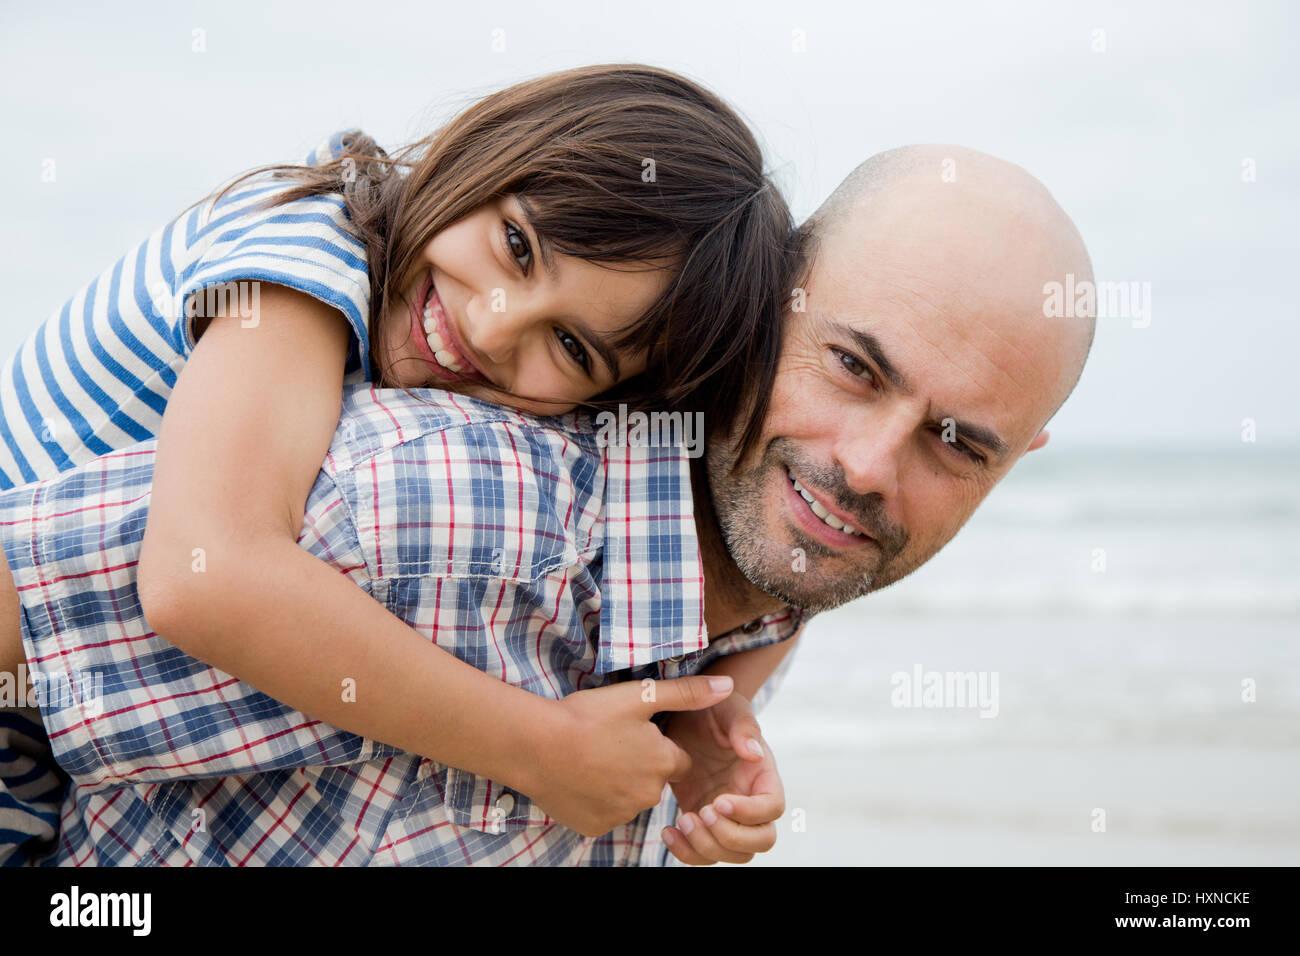 Vater seiner Tochter ein Huckepack Reiten am Strand in einem bewölkten Tag Stockbild